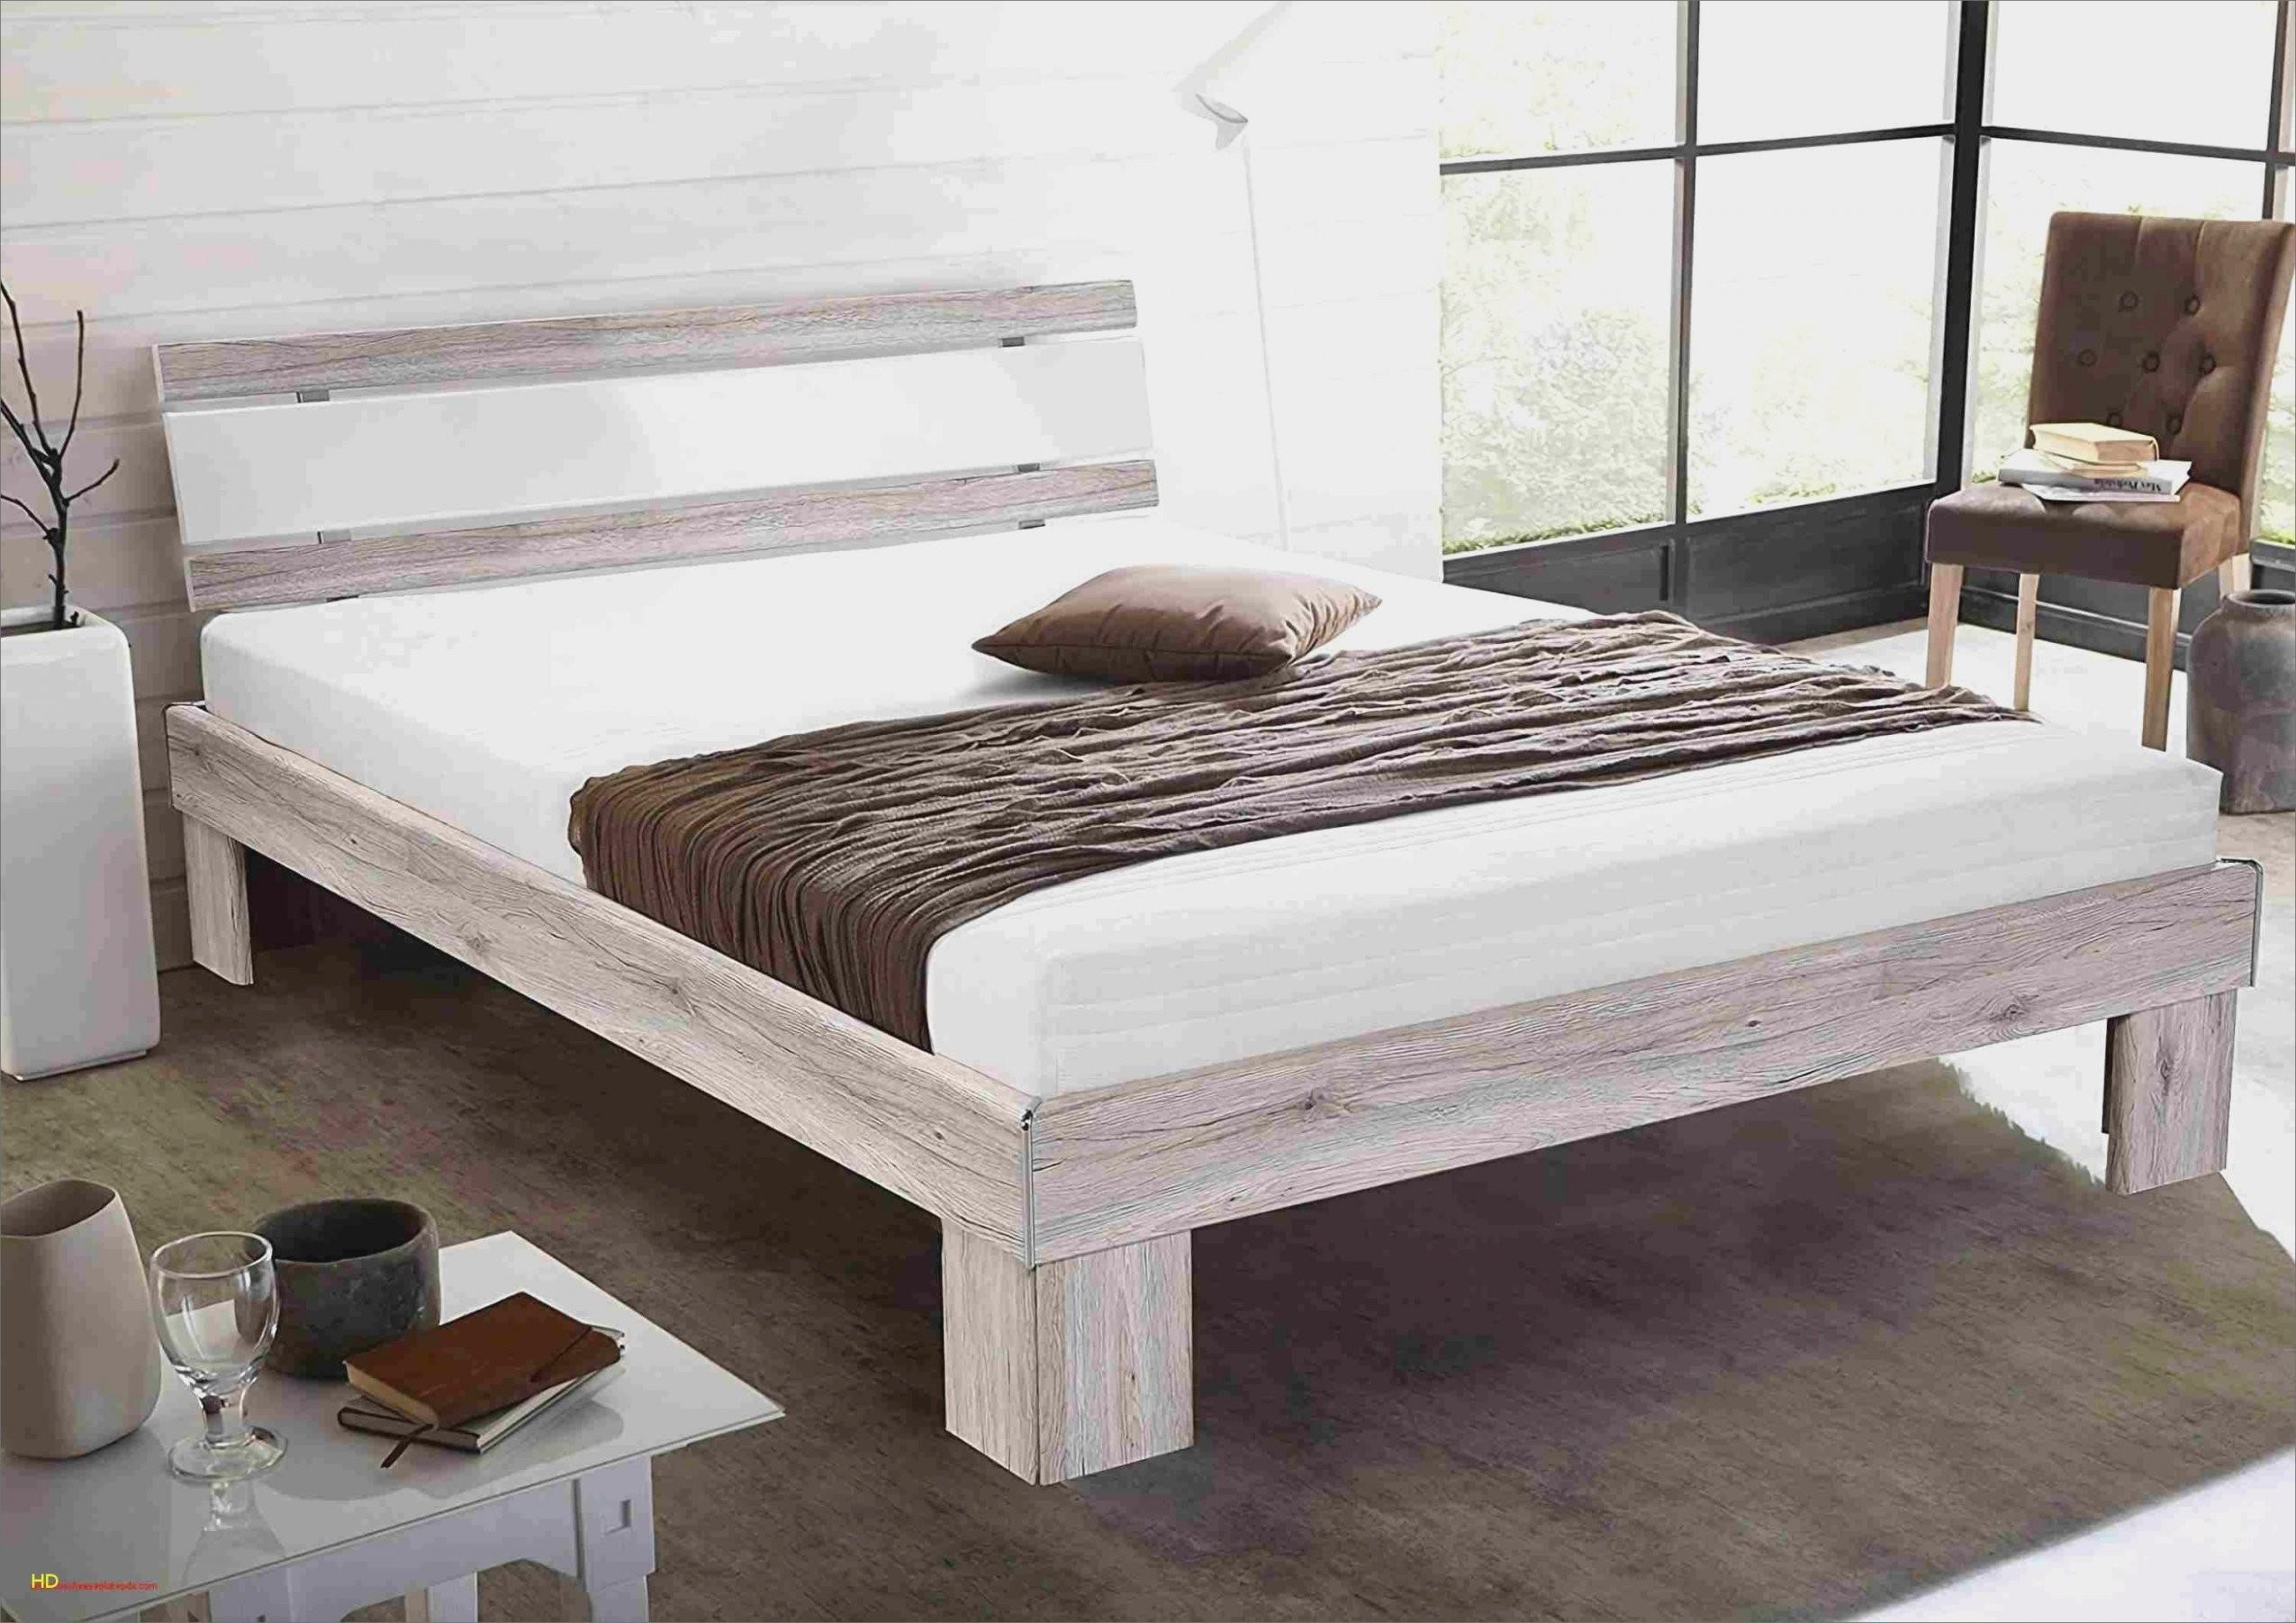 Komfort Bett 160X200 Günstig  Tbpmindset von Bettgestell 160X200 Günstig Photo